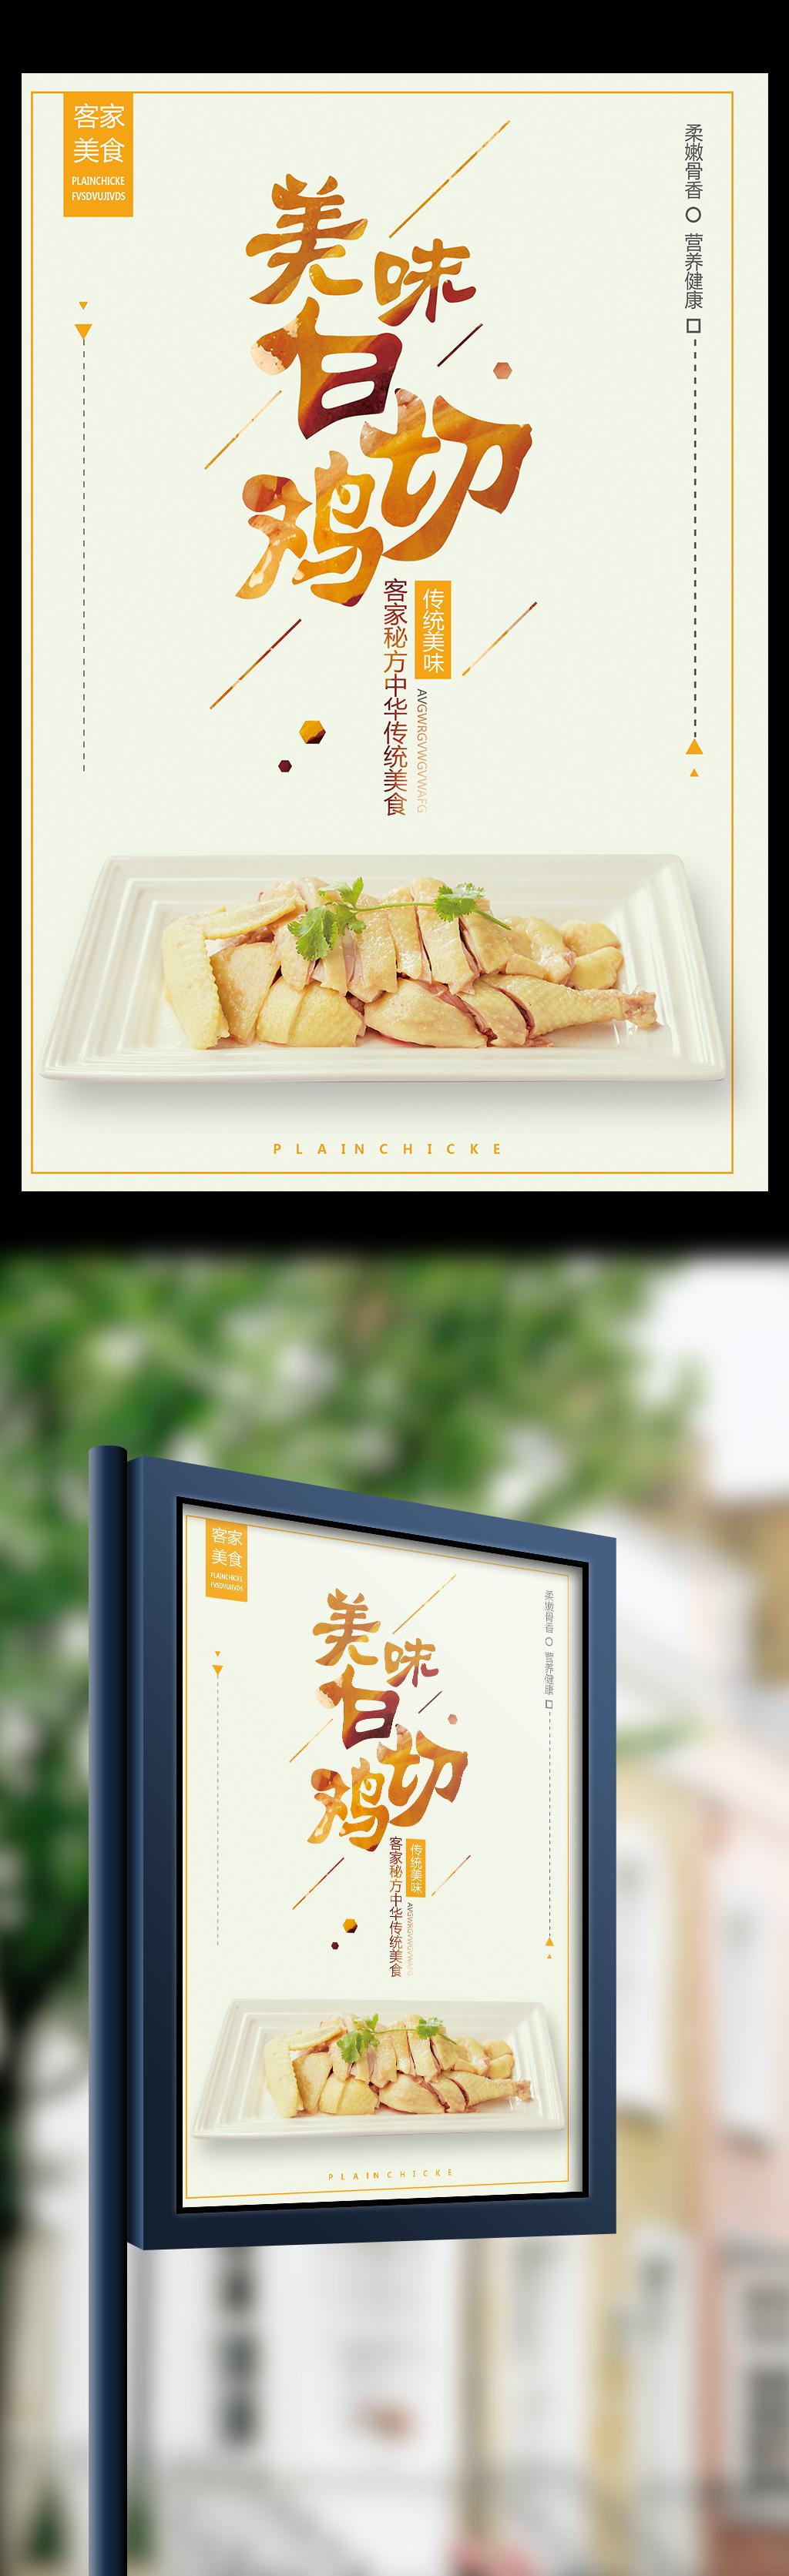 美味白切鸡中华传统美食宣传海报